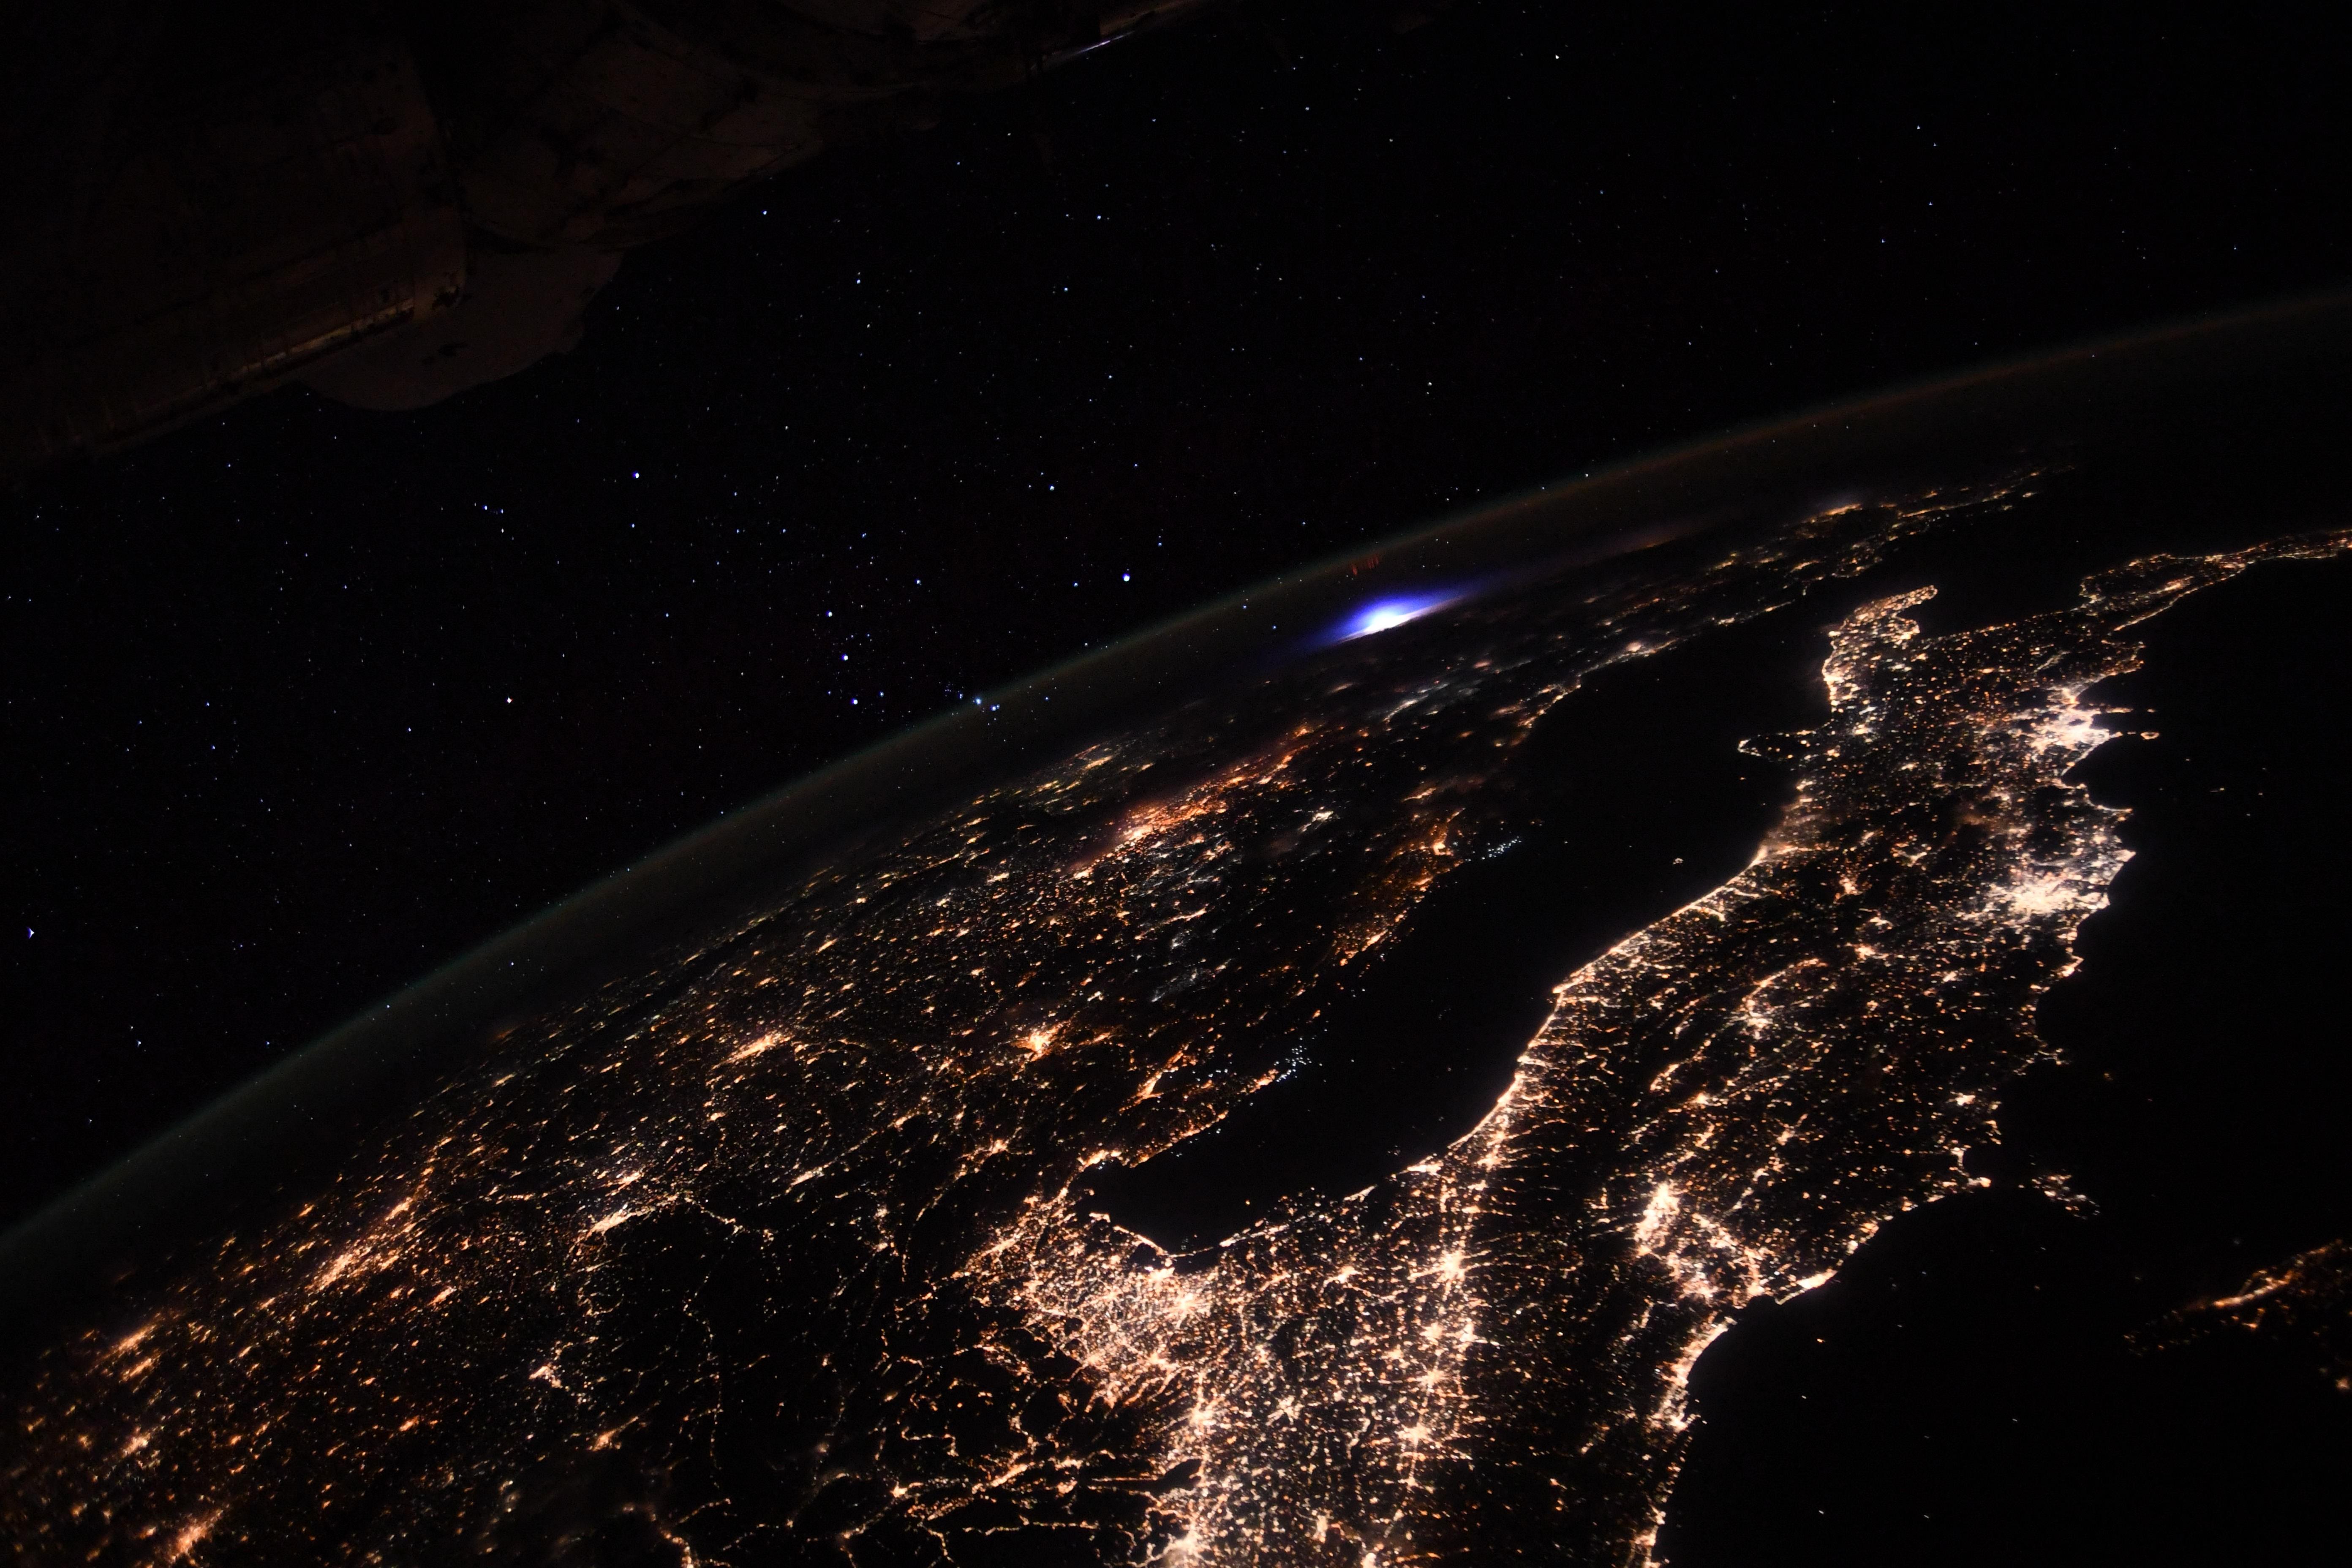 Óriási rejtélyes villanást fotóztak Európa felett